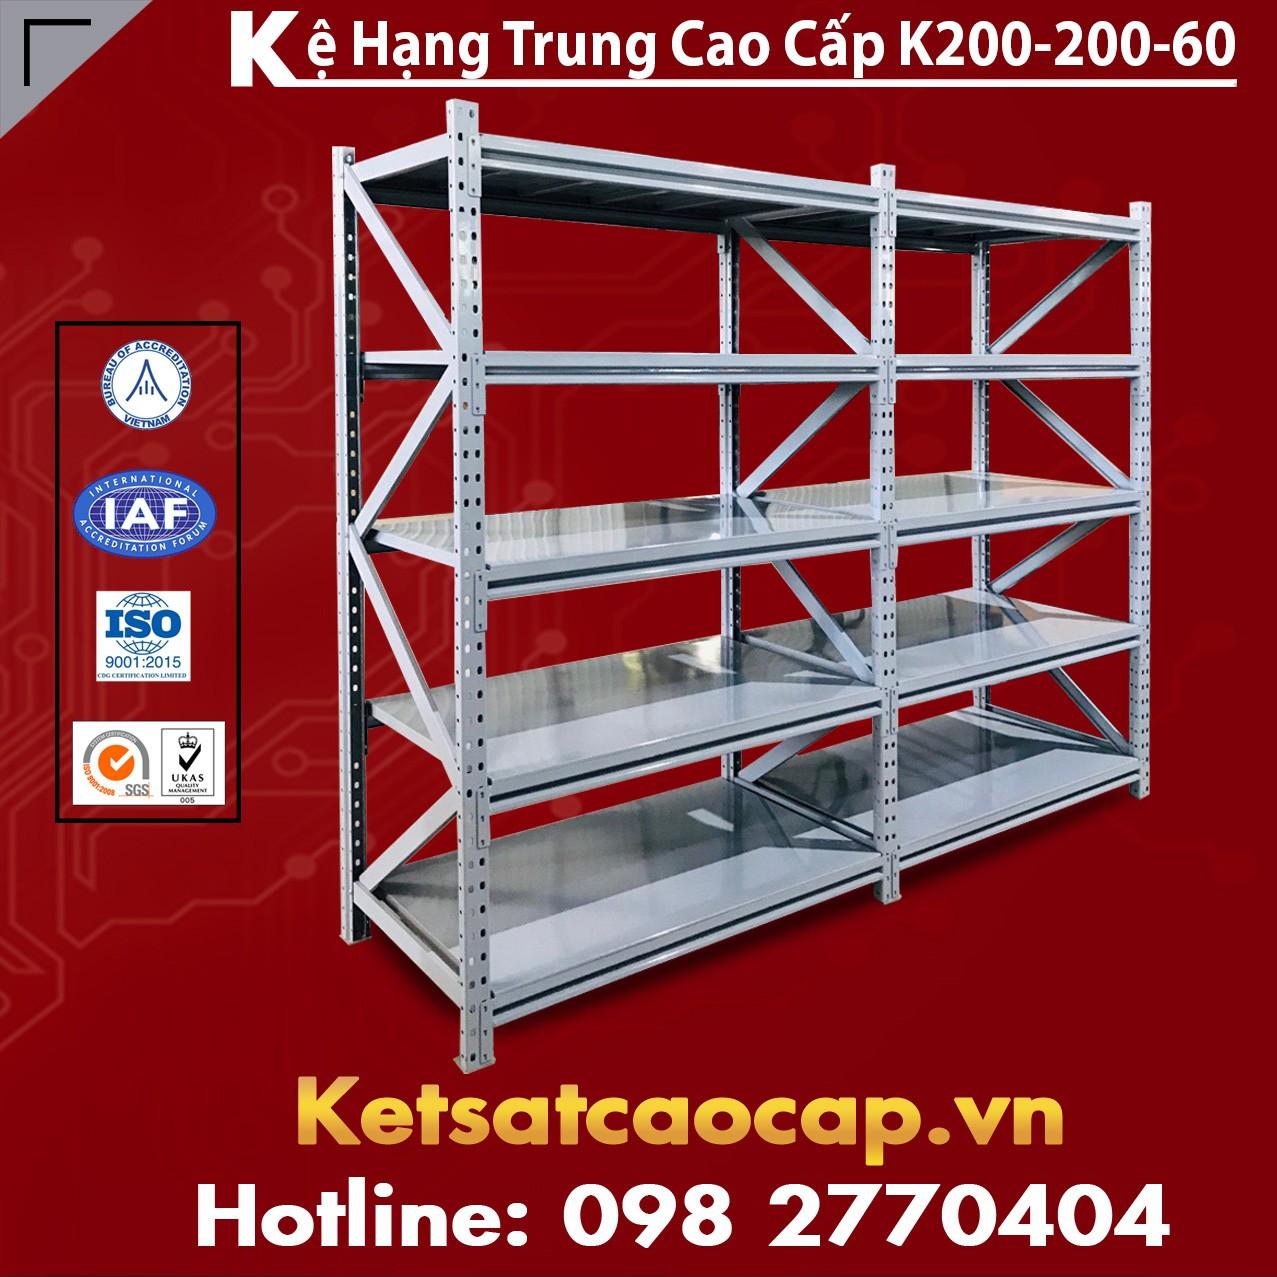 Kệ Hạng Trung K200-200-60